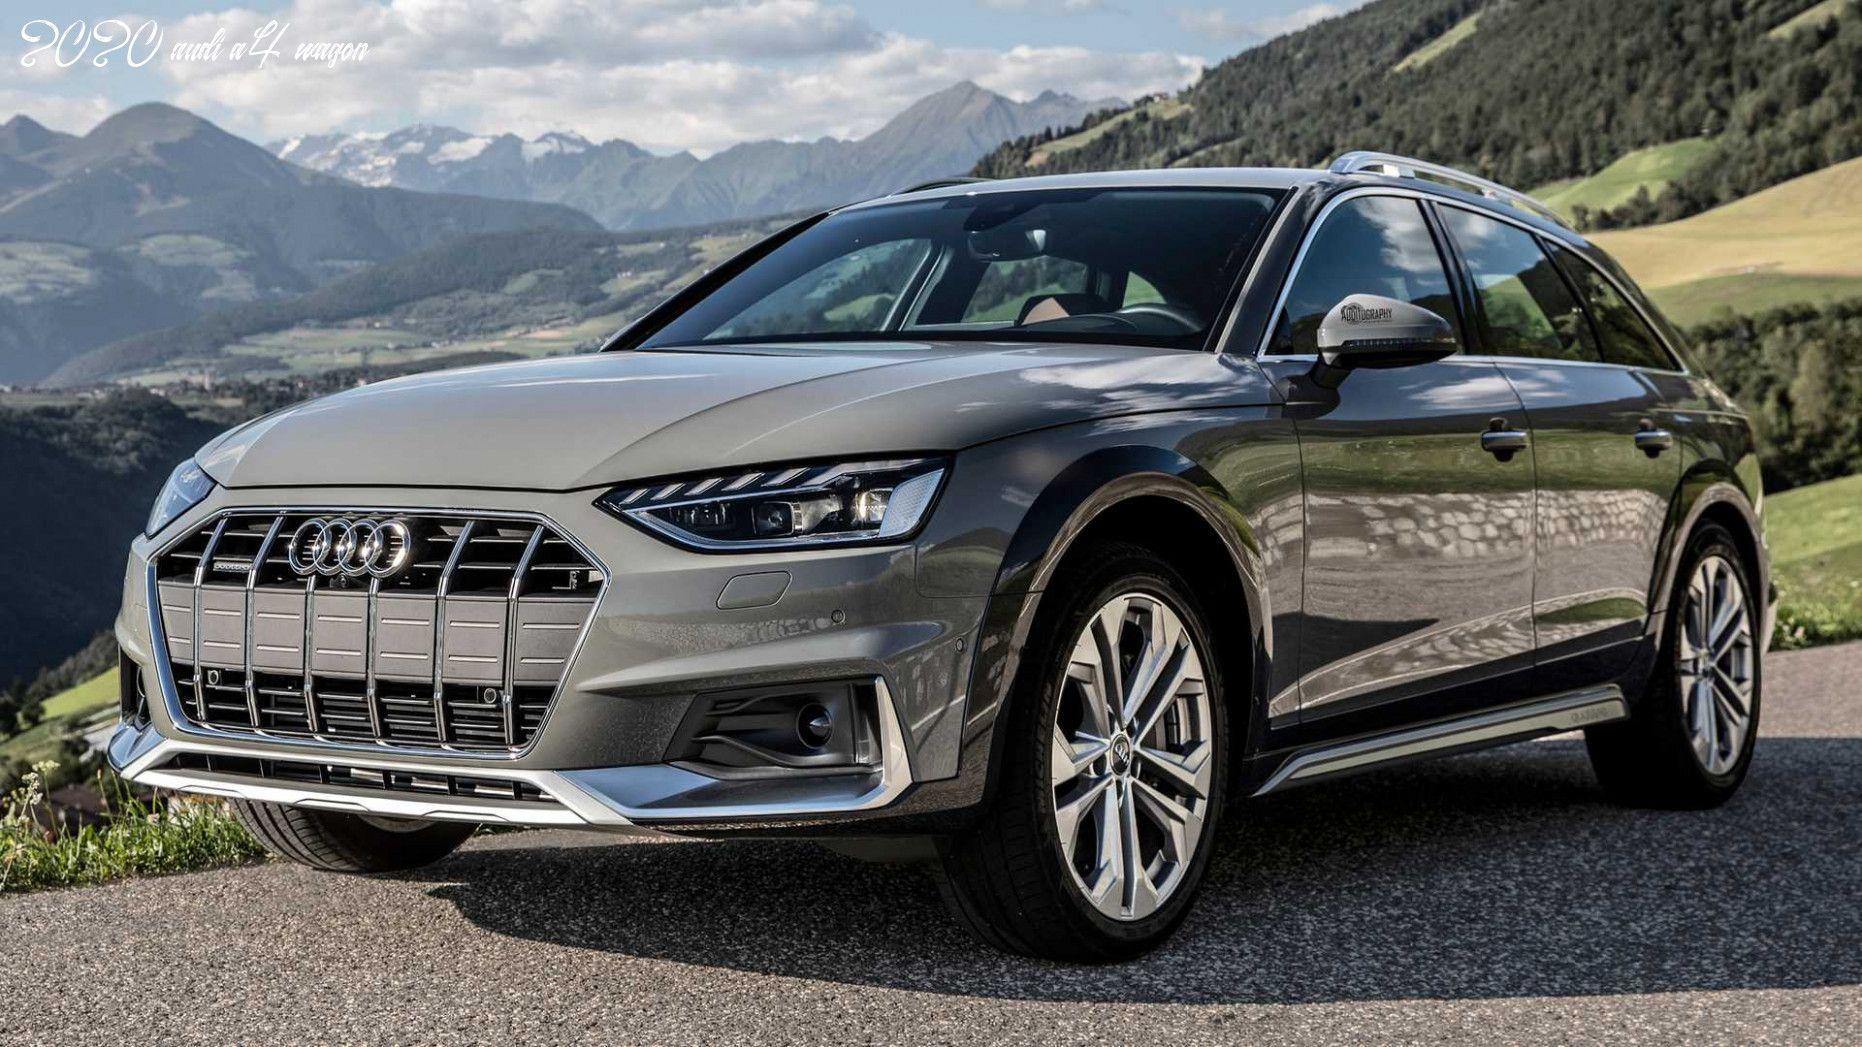 2020 Audi A4 Wagon In 2020 Audi A4 Avant Audi A4 Audi